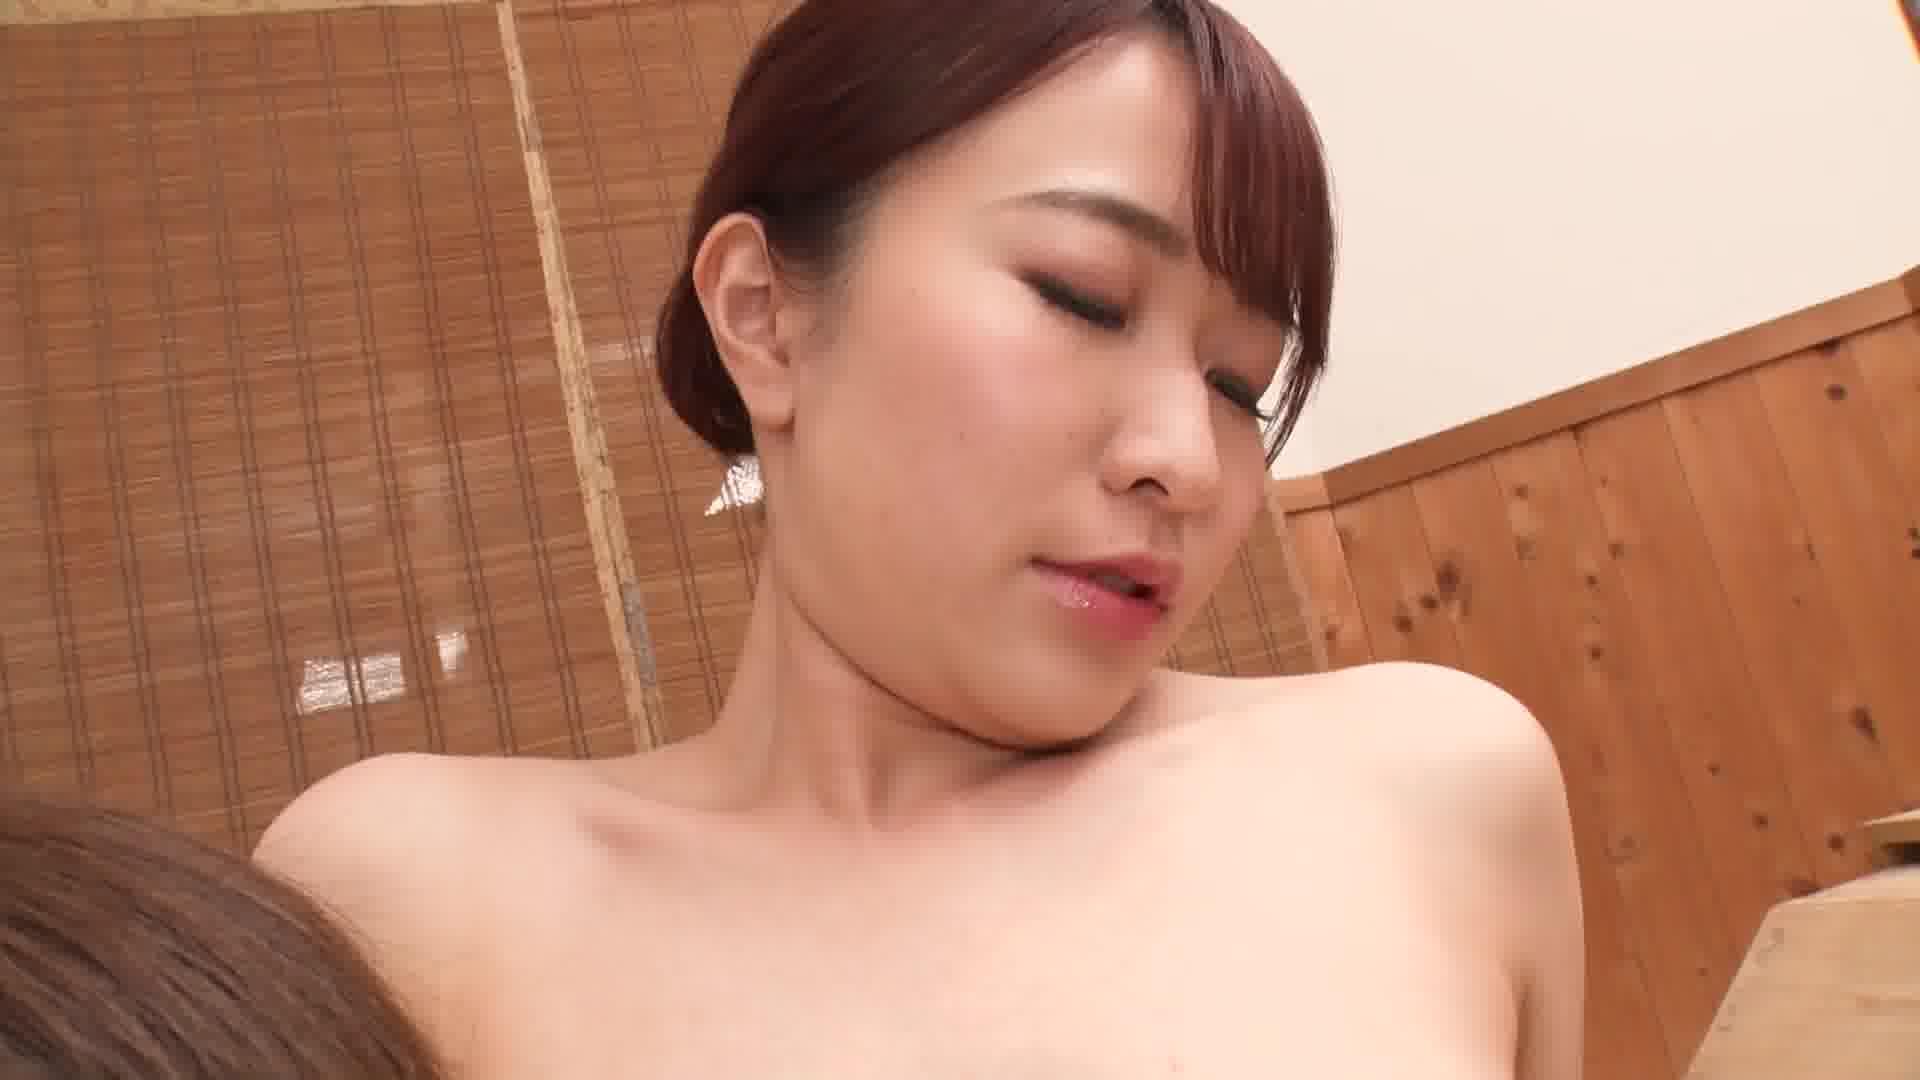 リピーター獲得!舐めたがり美人女将のトロける礼遇 - 森田みゆ【着物・痴女・パイパン】